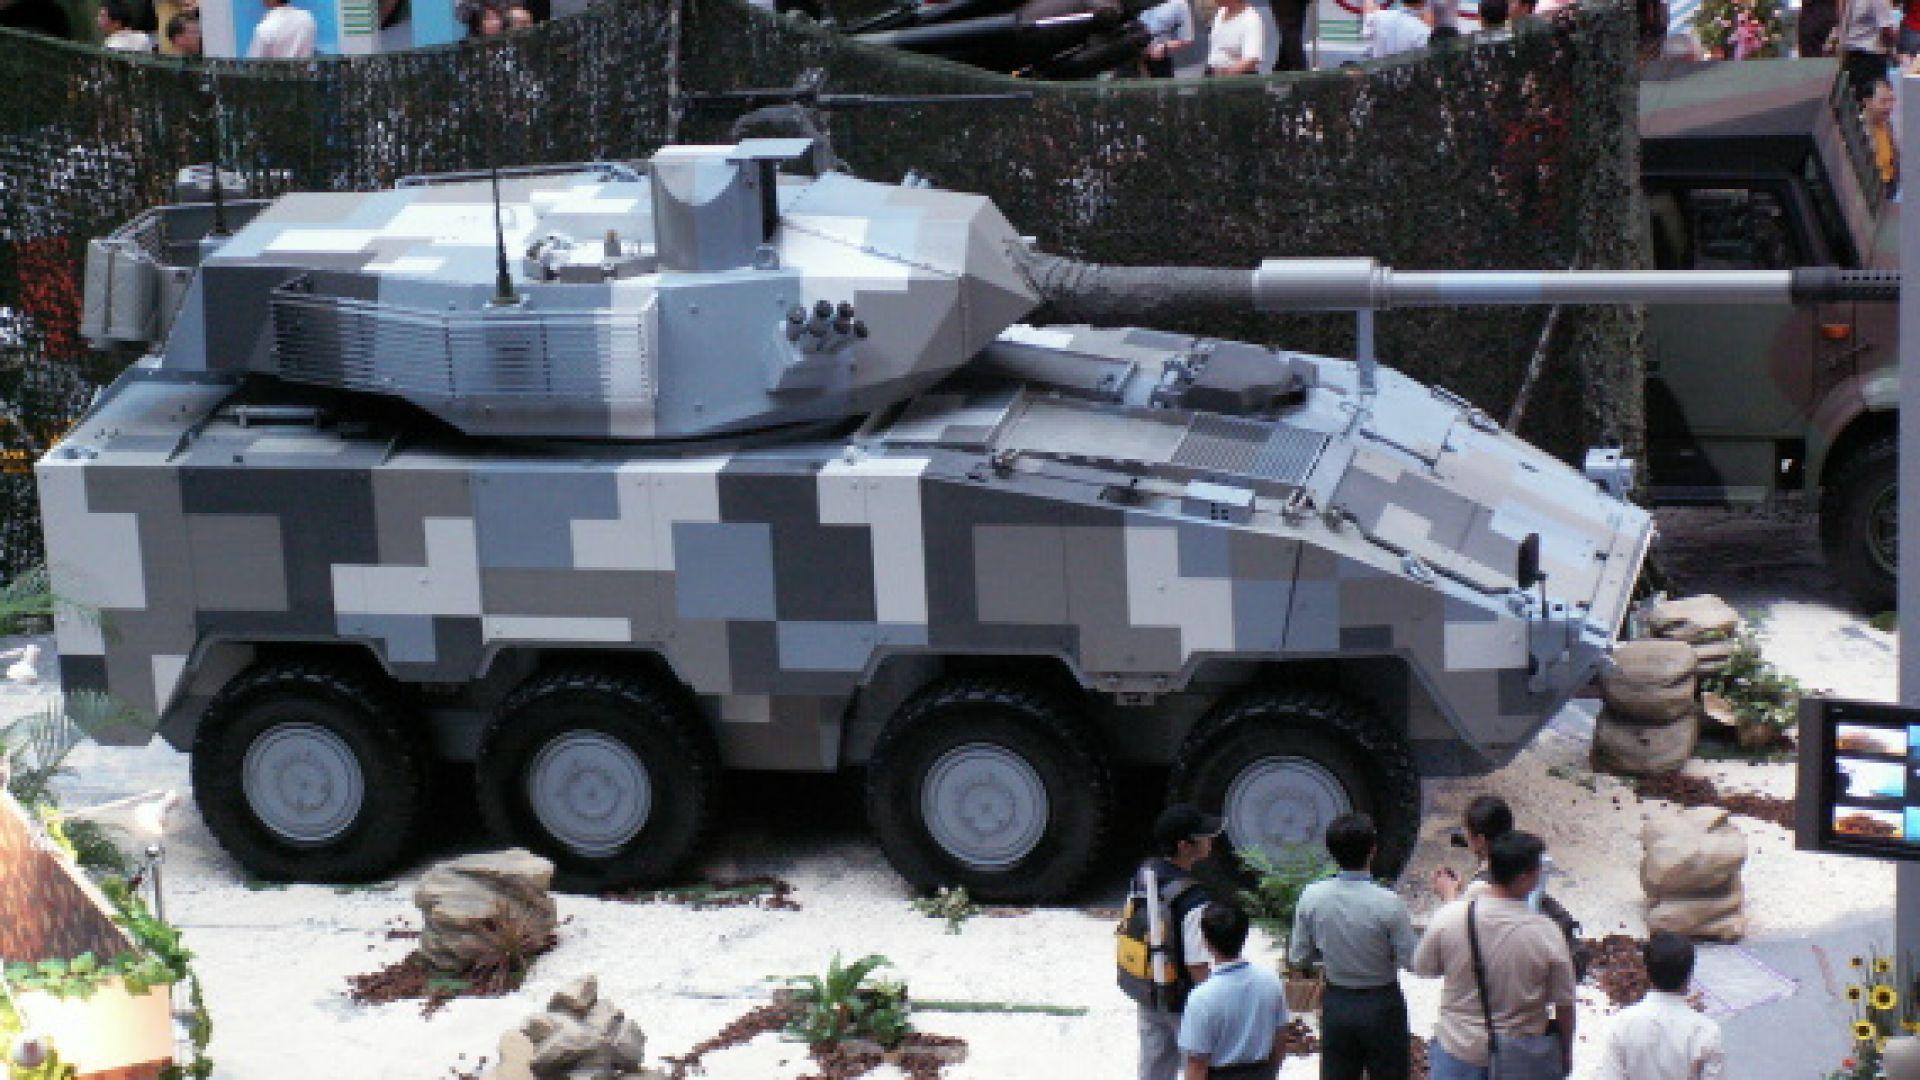 Колесният танк на Тайван (снимки)